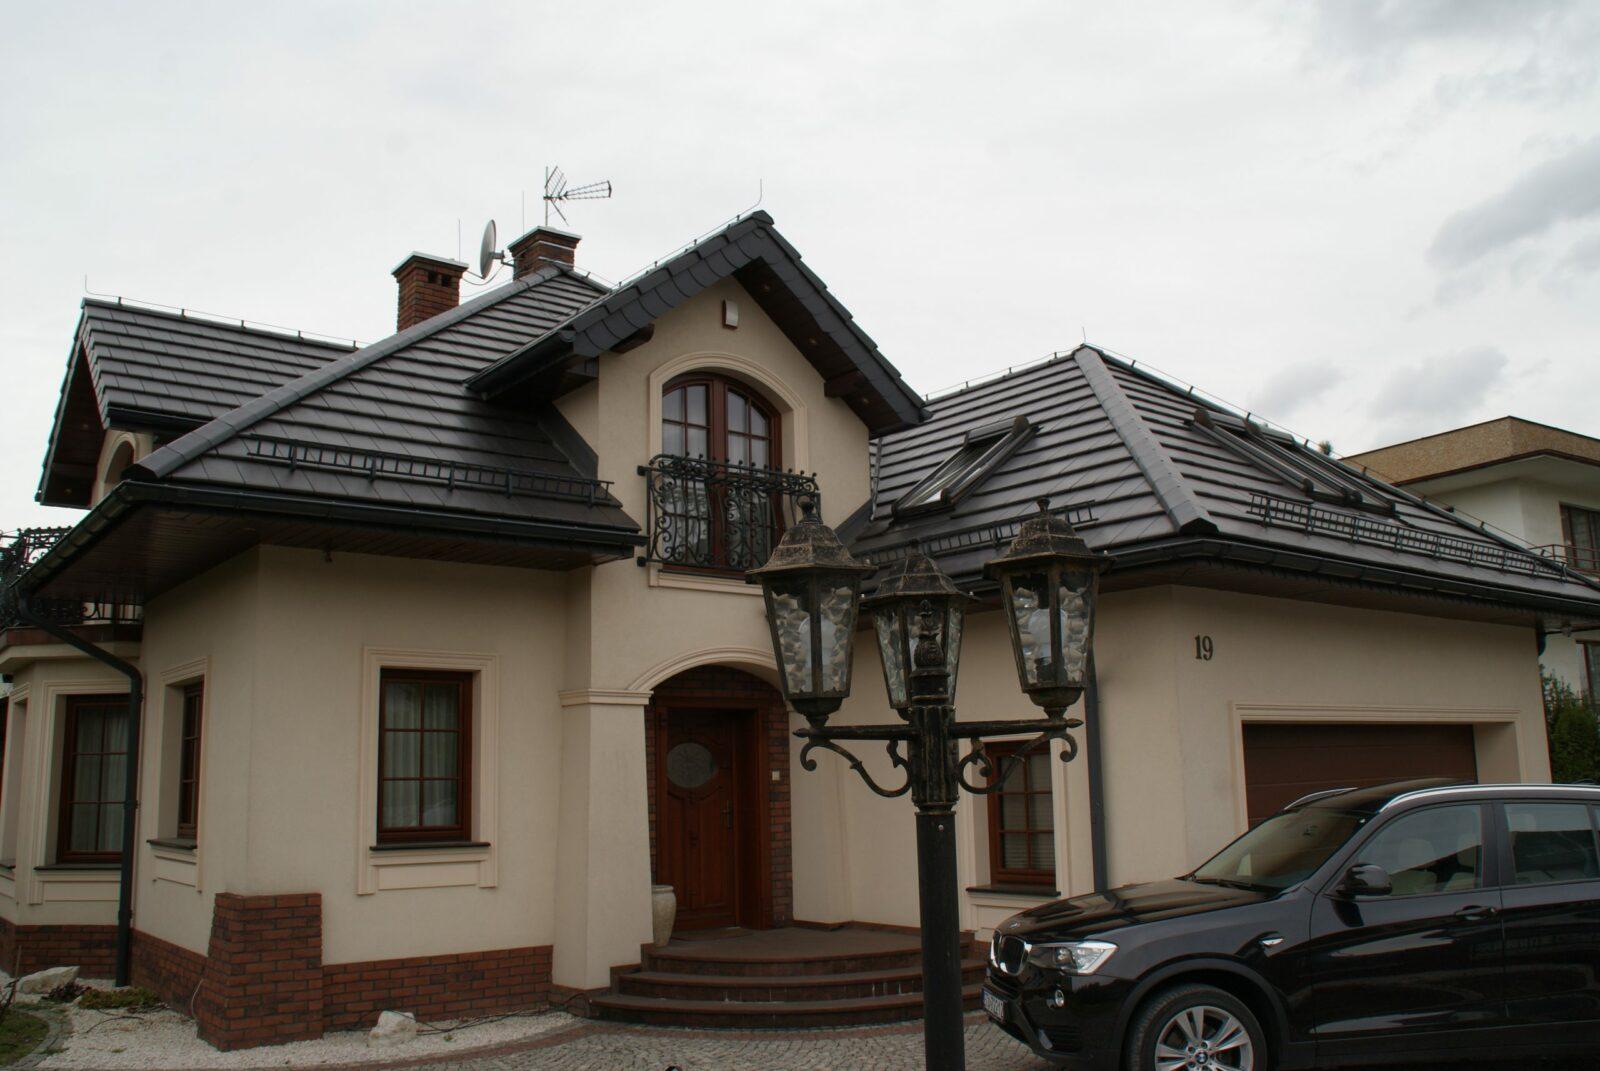 Dom z czarnym dachem z oknami oraz drzwiami obok samochodu